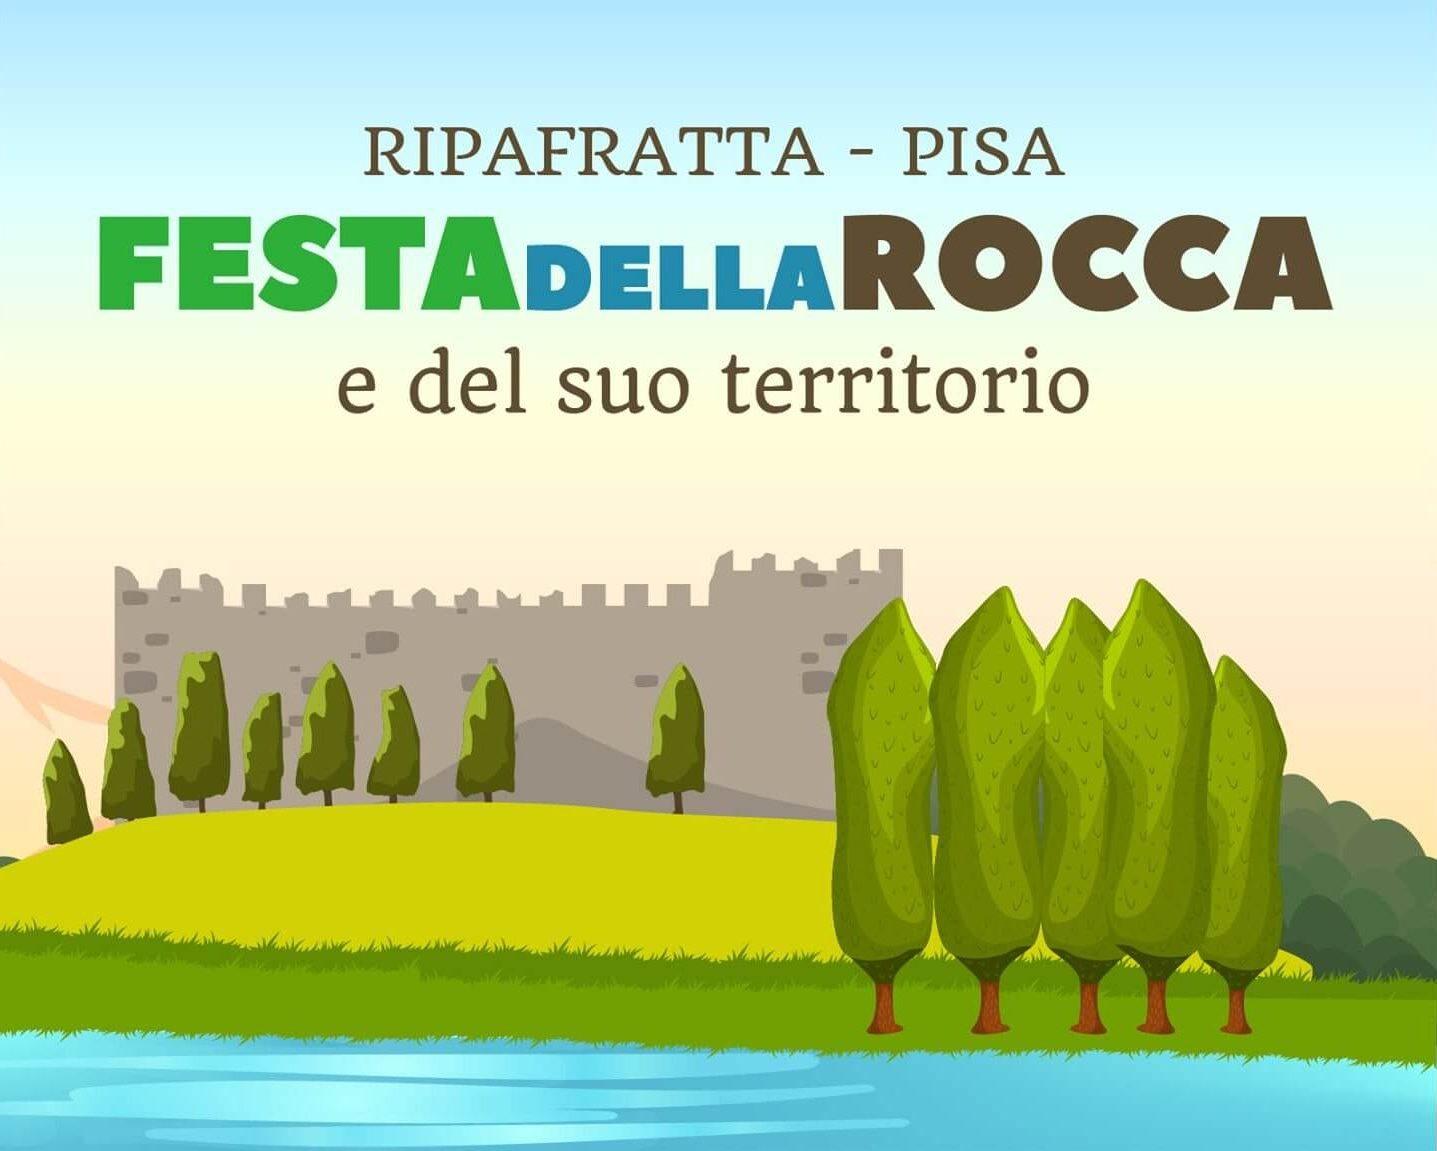 8° Festa della Rocca di Ripafratta | San Giuliano Terme